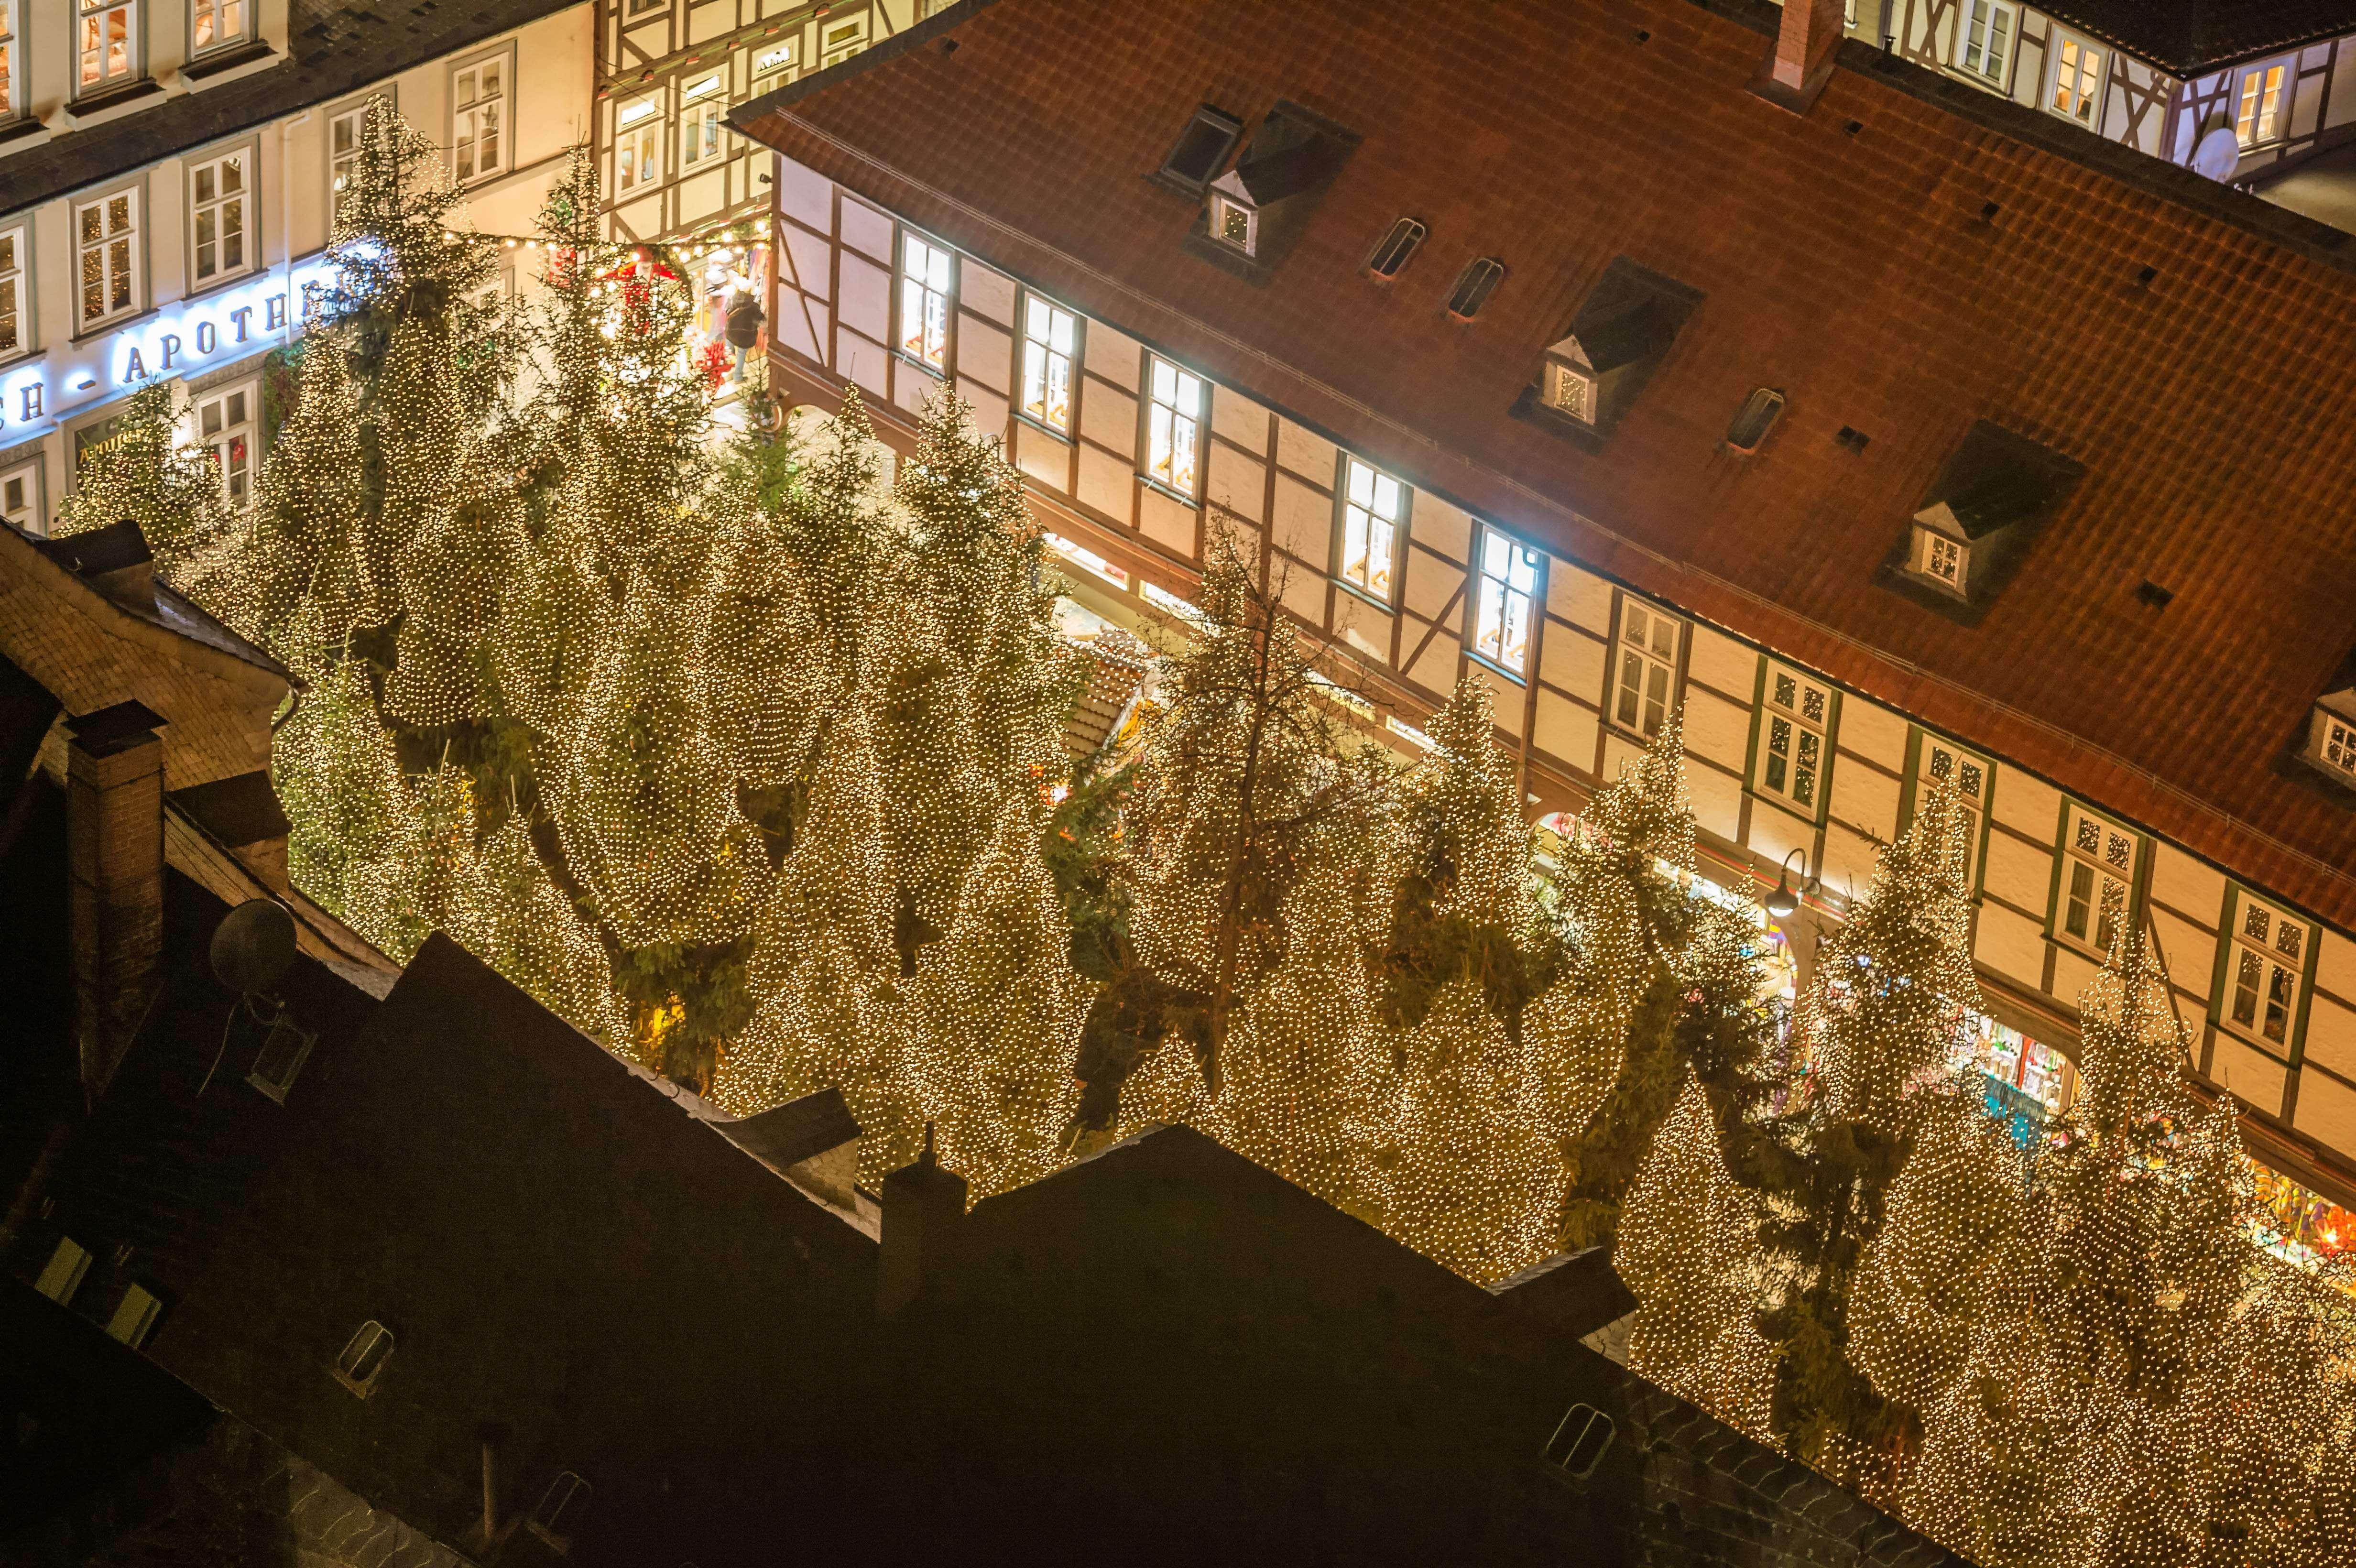 Weihnachtsmarkt, Weihnachtsmänner, Weihnachtsbäume, Hütte, Glühwein, Essen, Weihnachtswald Goslar ©GOSLAR marketing gmbh